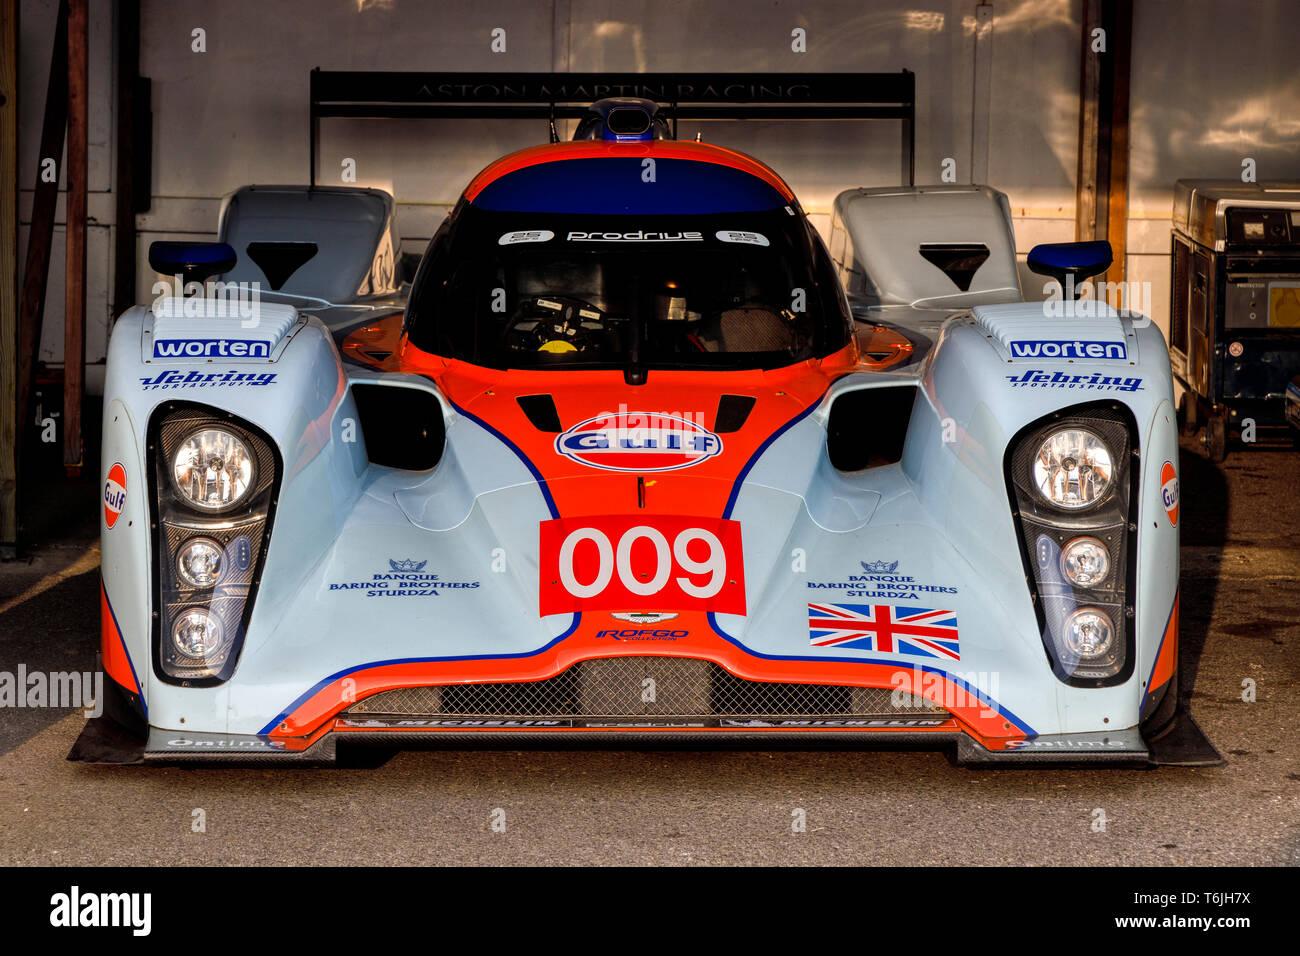 Aston Martin Lola Stockfotos Und Bilder Kaufen Alamy